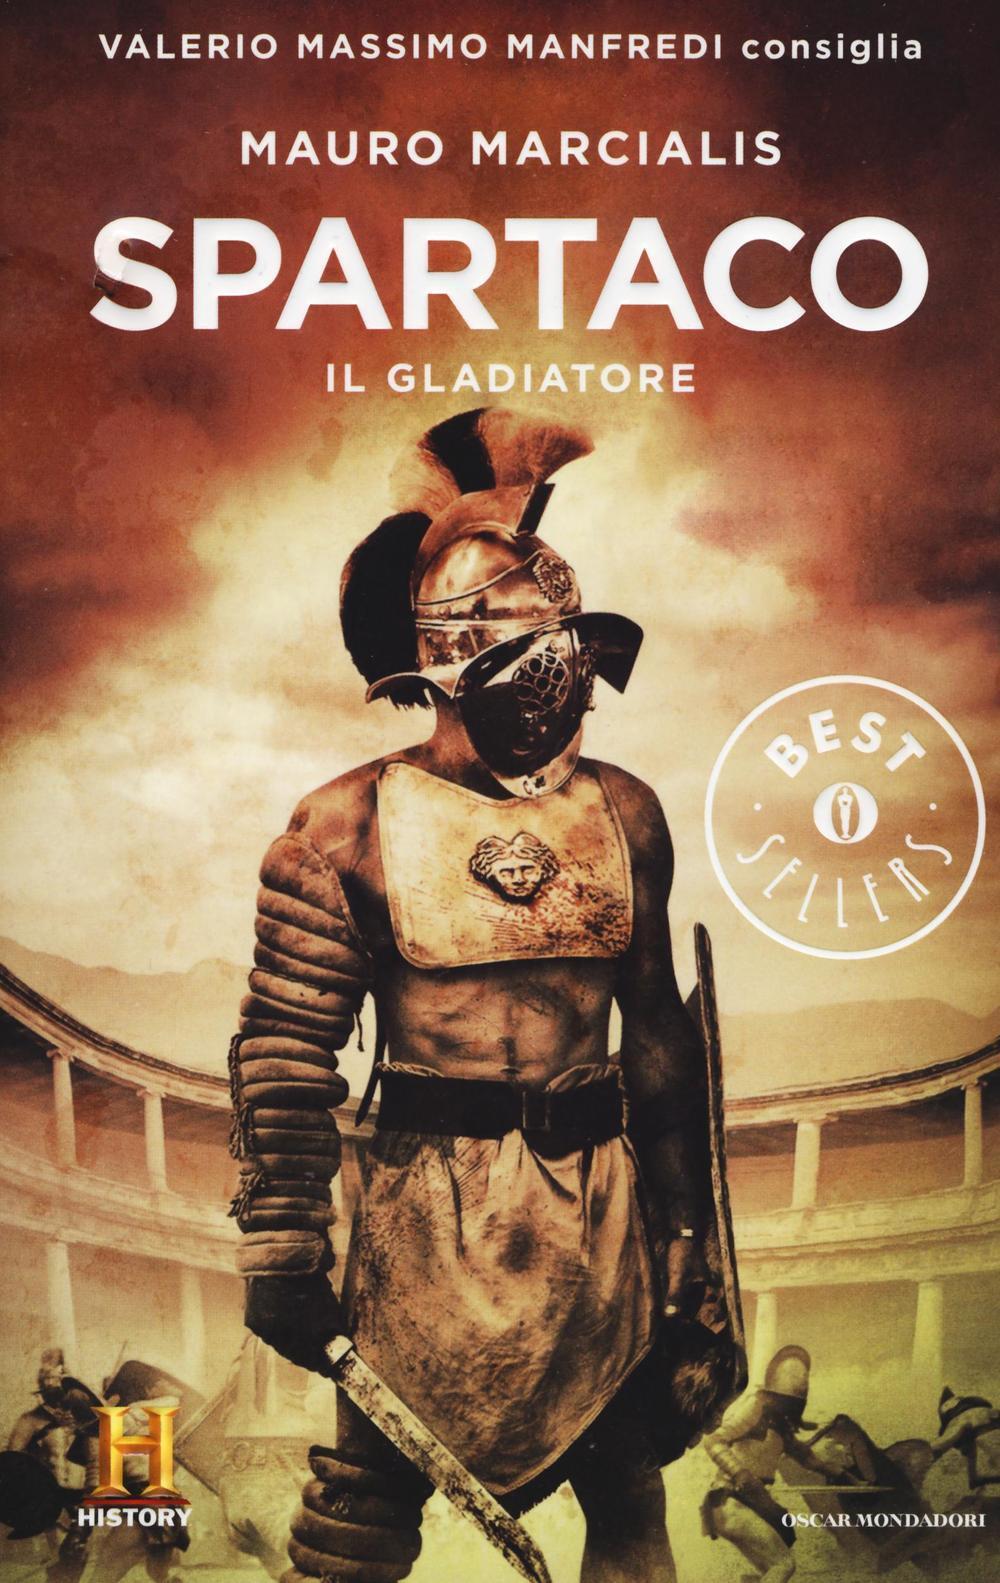 Spartaco Il Gladiatore. Il Romanzo Di Roma. Vol. 3   Mauro Marcialis    Libro   Mondadori   Oscar Bestsellers History | IBS